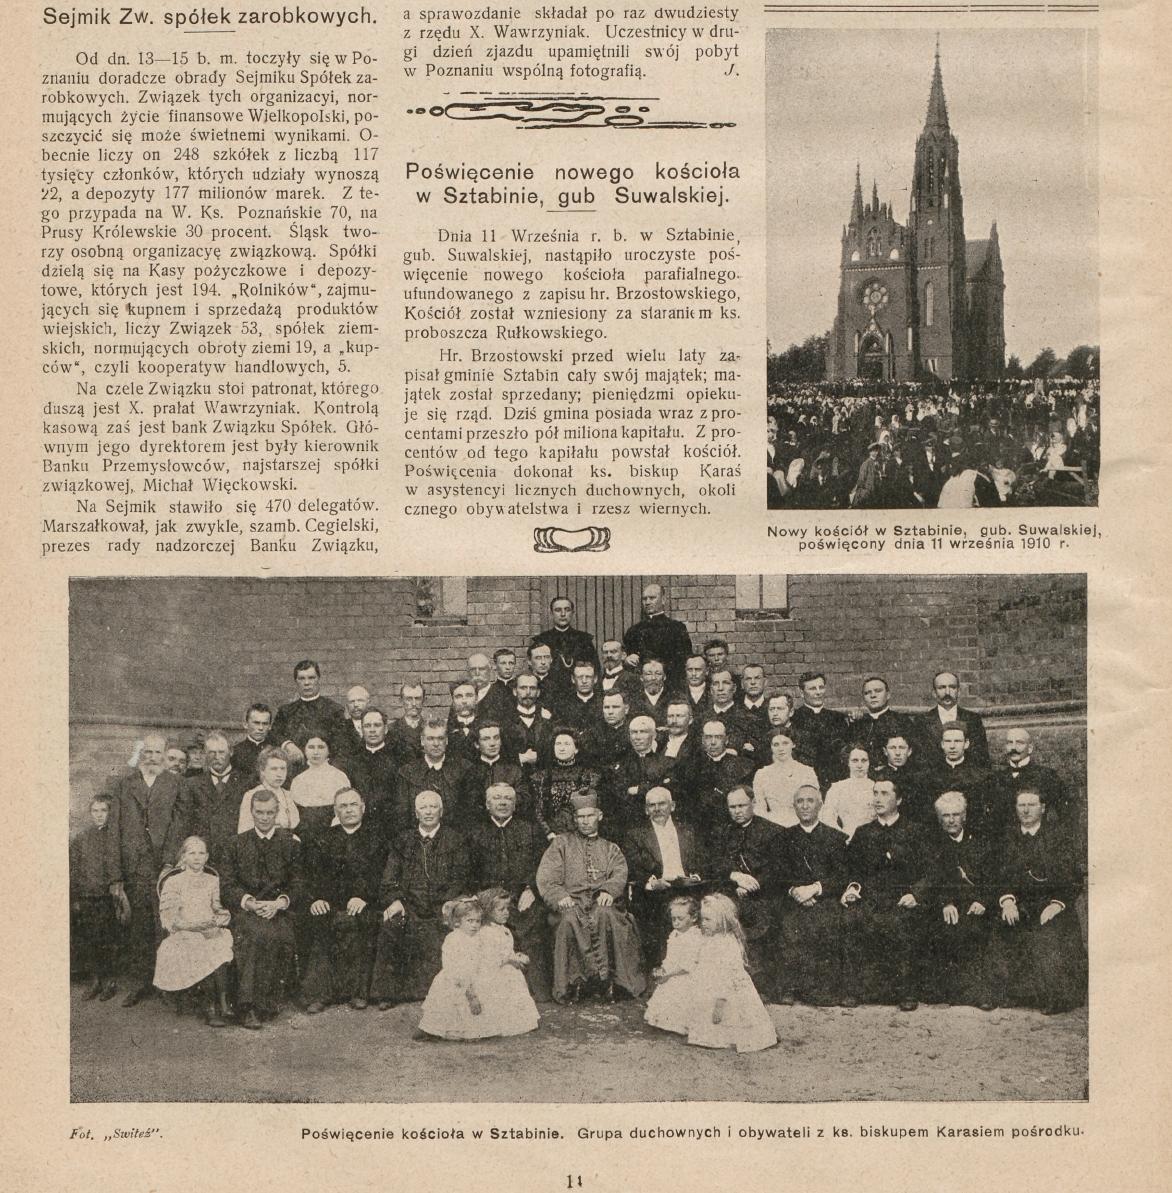 Świat - Pismo tygodniowe nr 40/1910